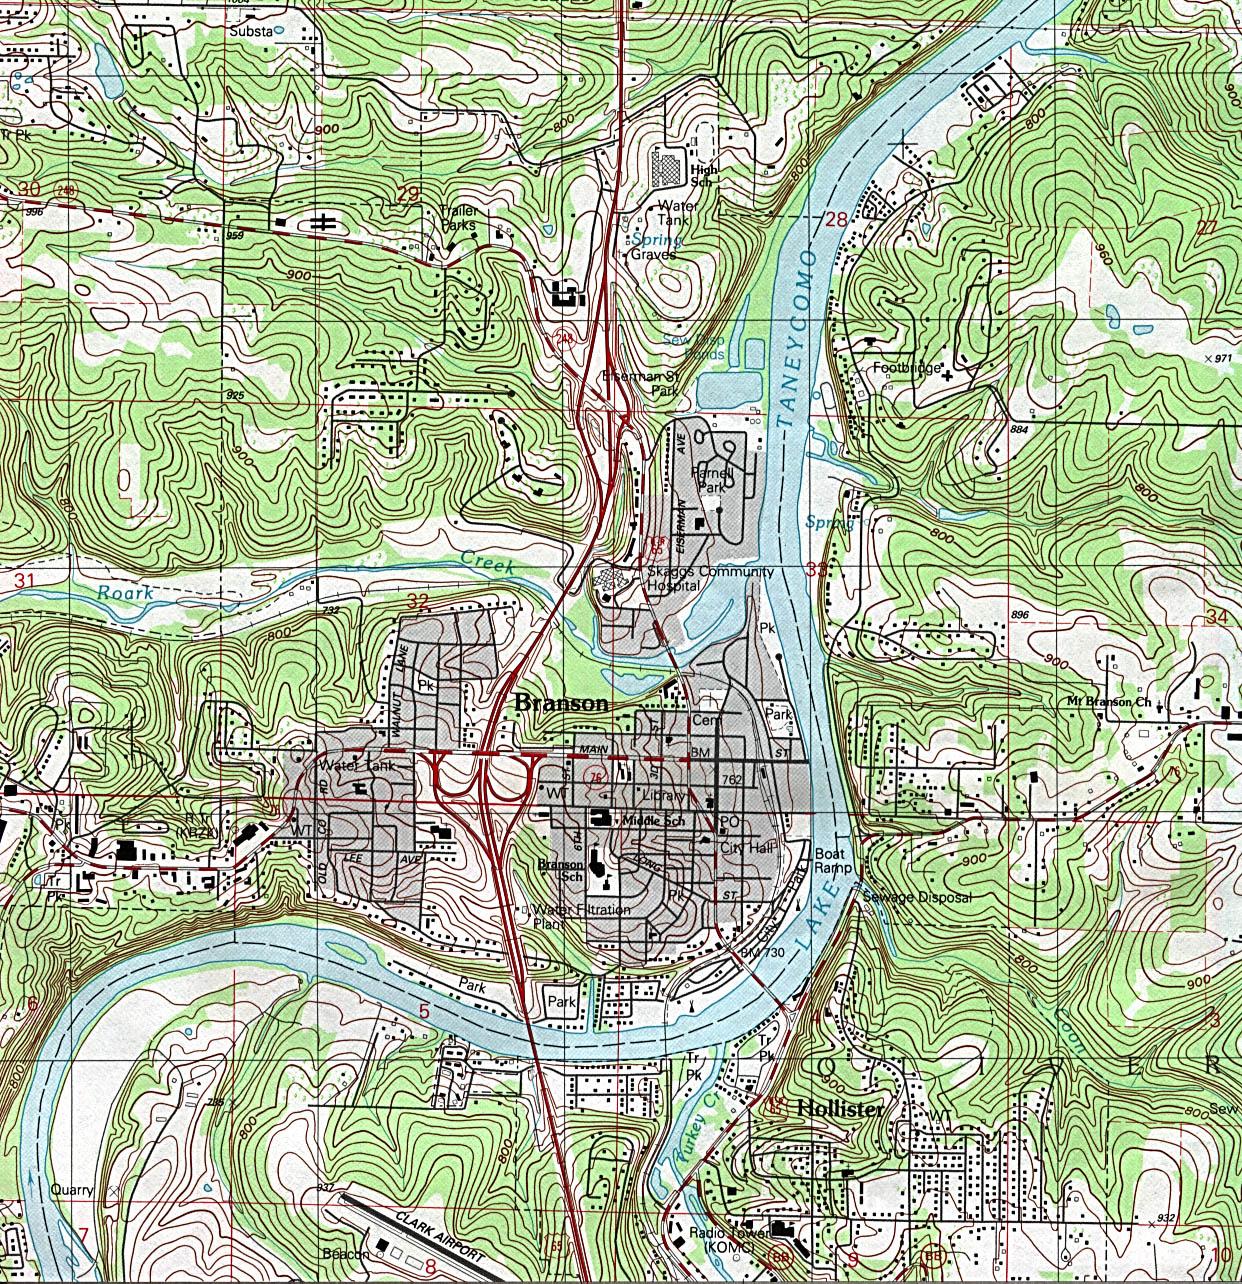 Mapa Topográfico de la Ciudad de Branson, Missouri, Estados Unidos